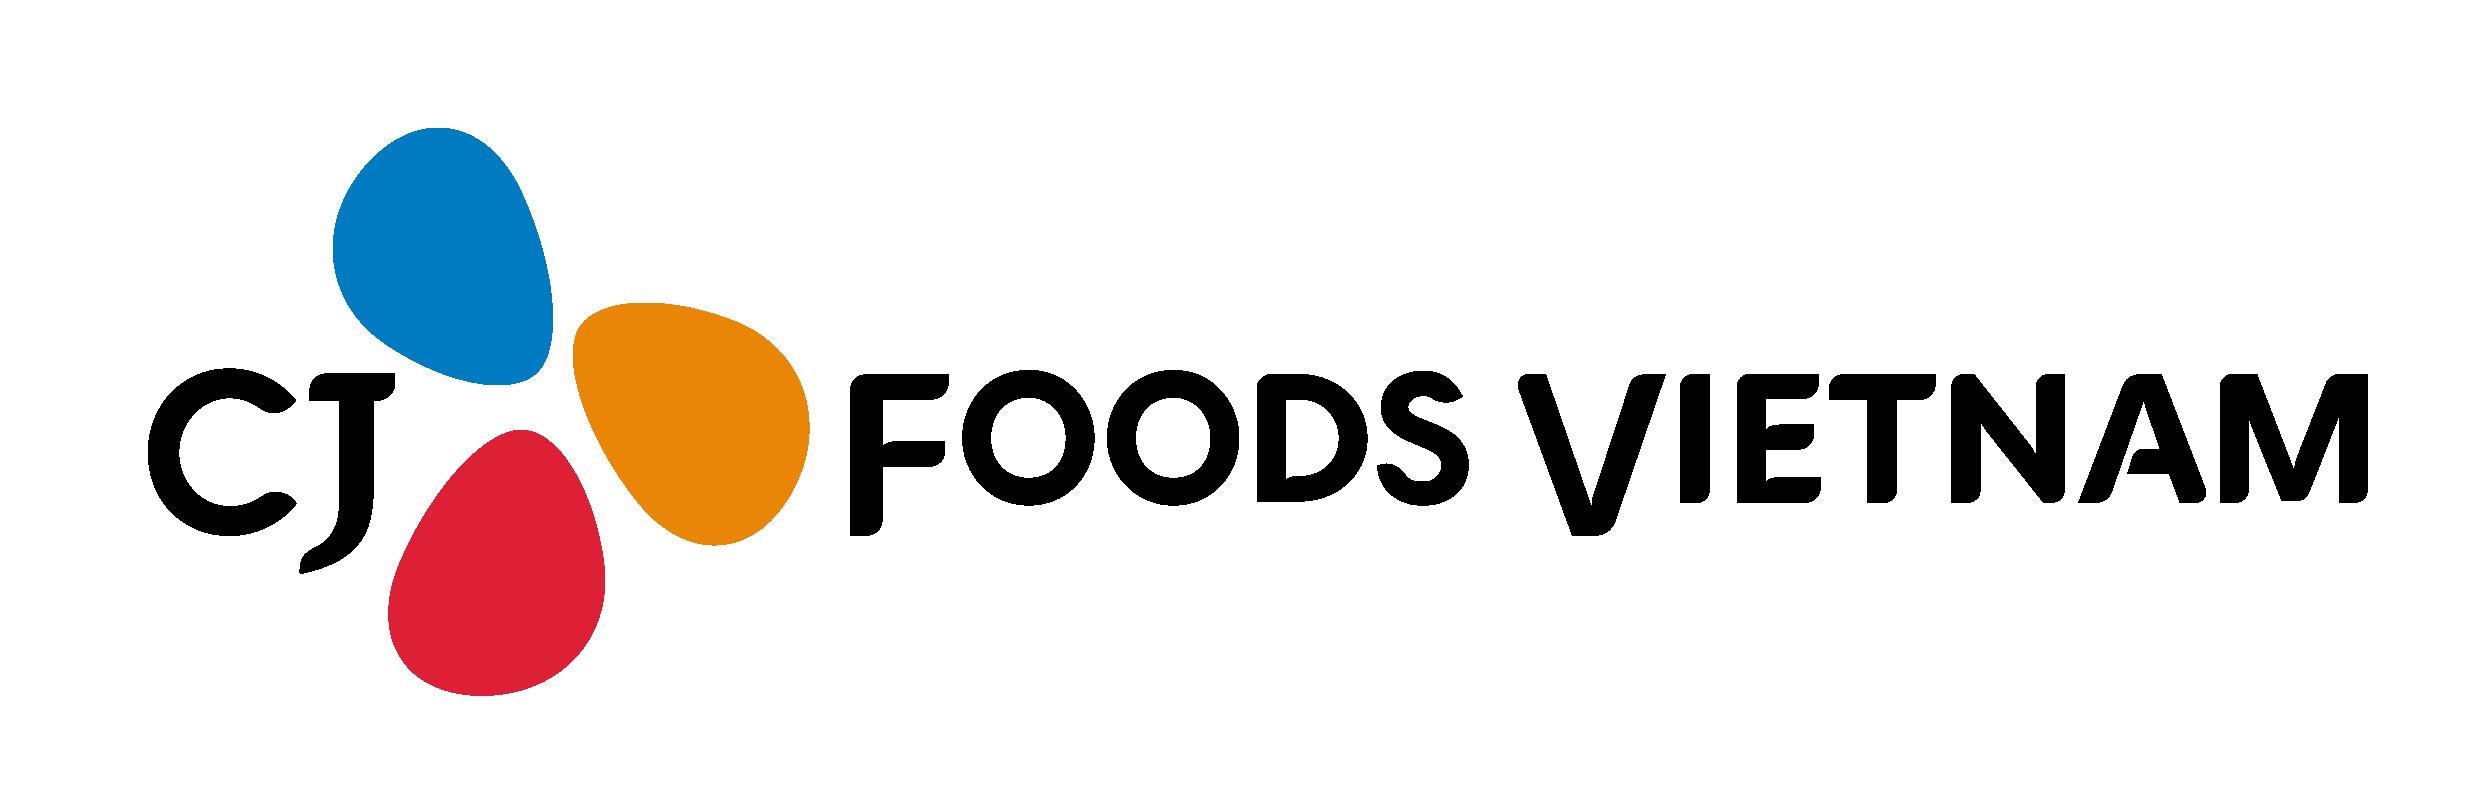 Công Ty TNHH CJ Food Việt Nam- Chi Nhánh Hiệp Phước